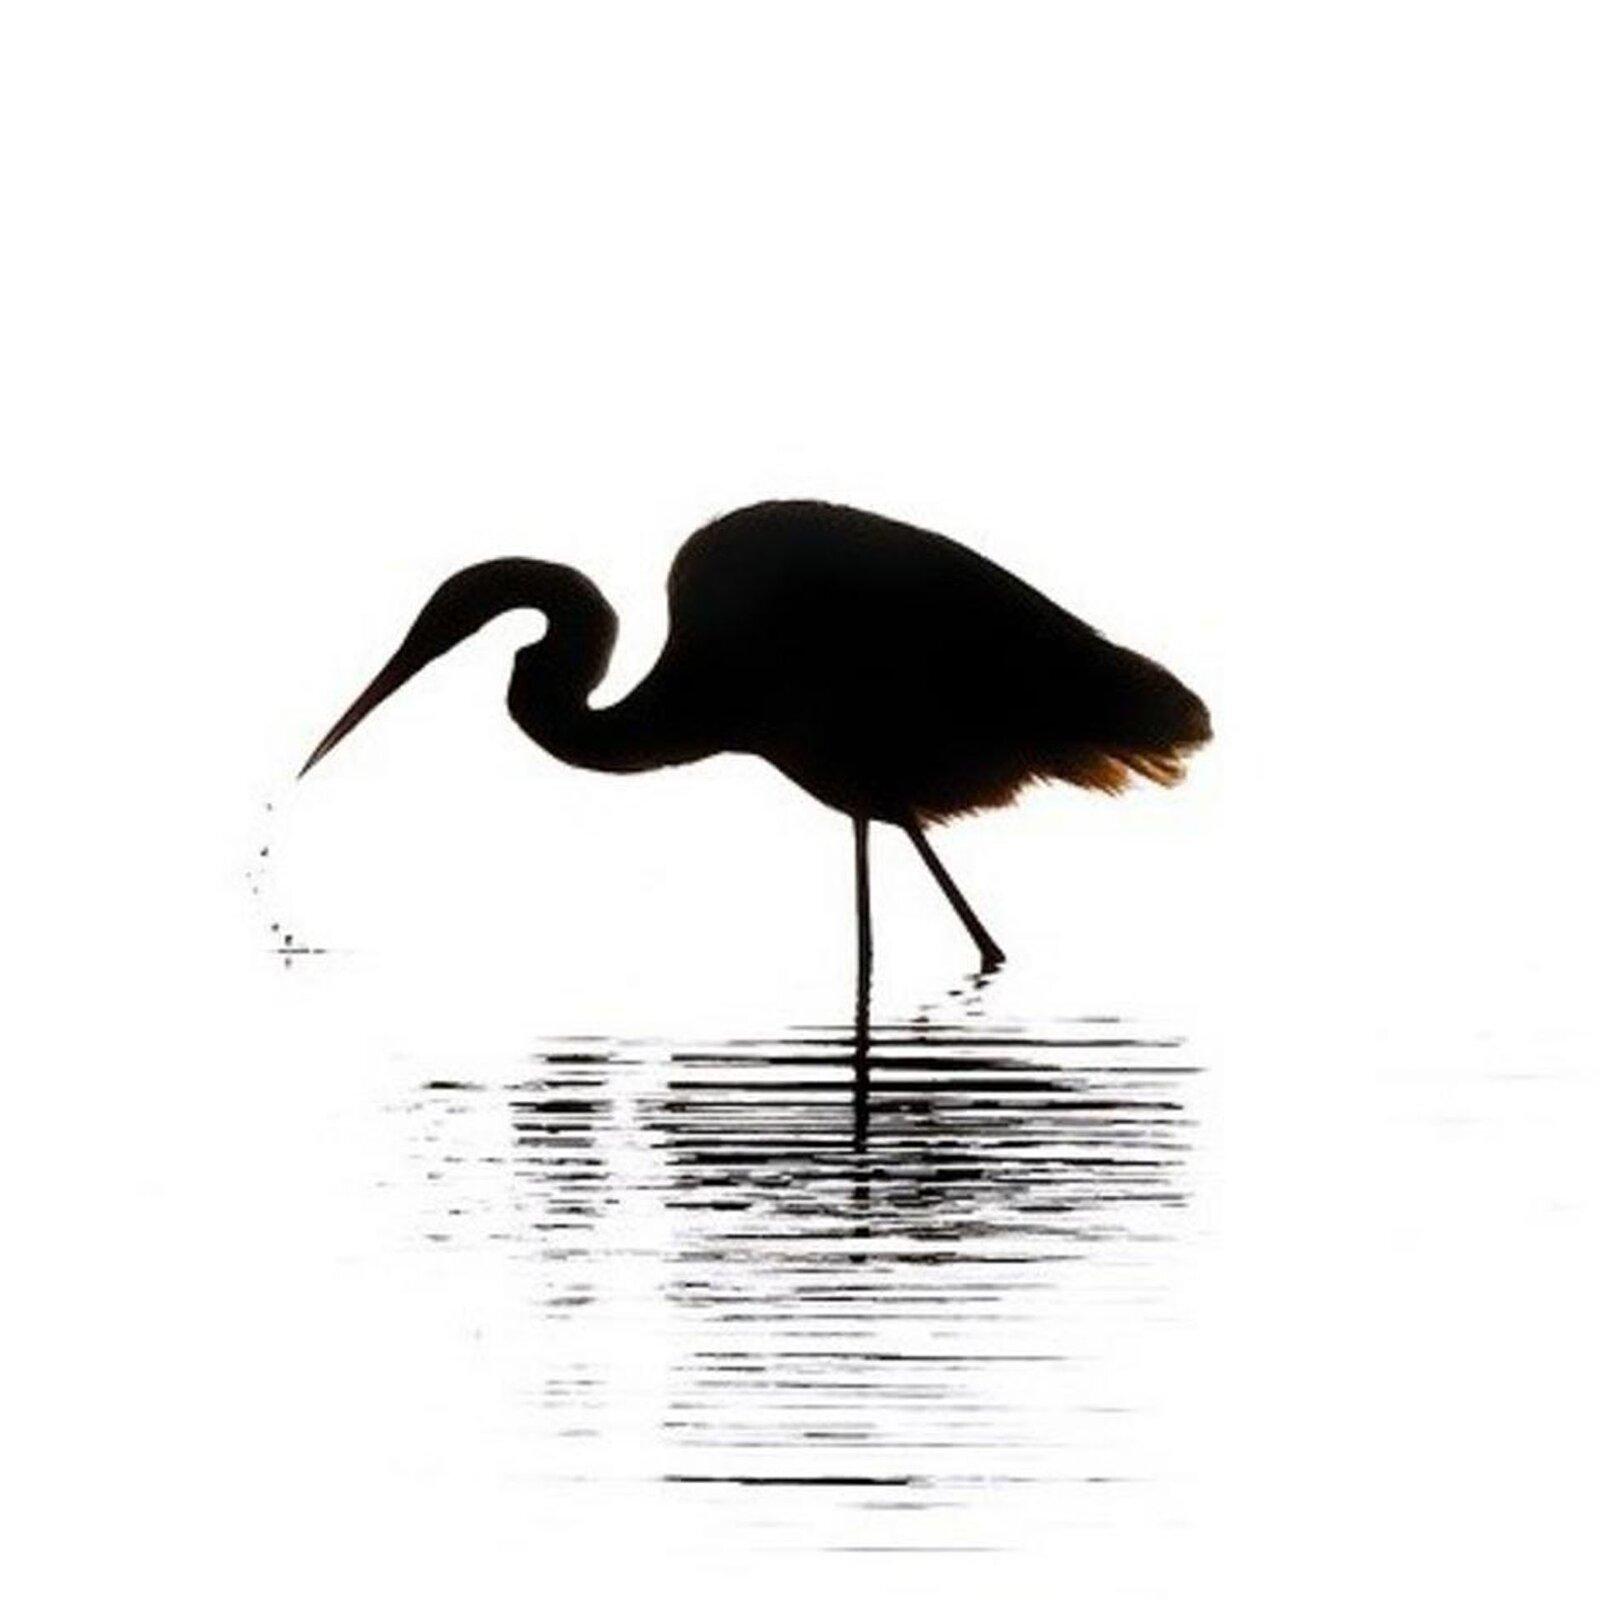 Cień ptaka stojącego wwodzie na długich, chudych nogach. Ptak ma również długą szyję idługi, spiczasty dziób.